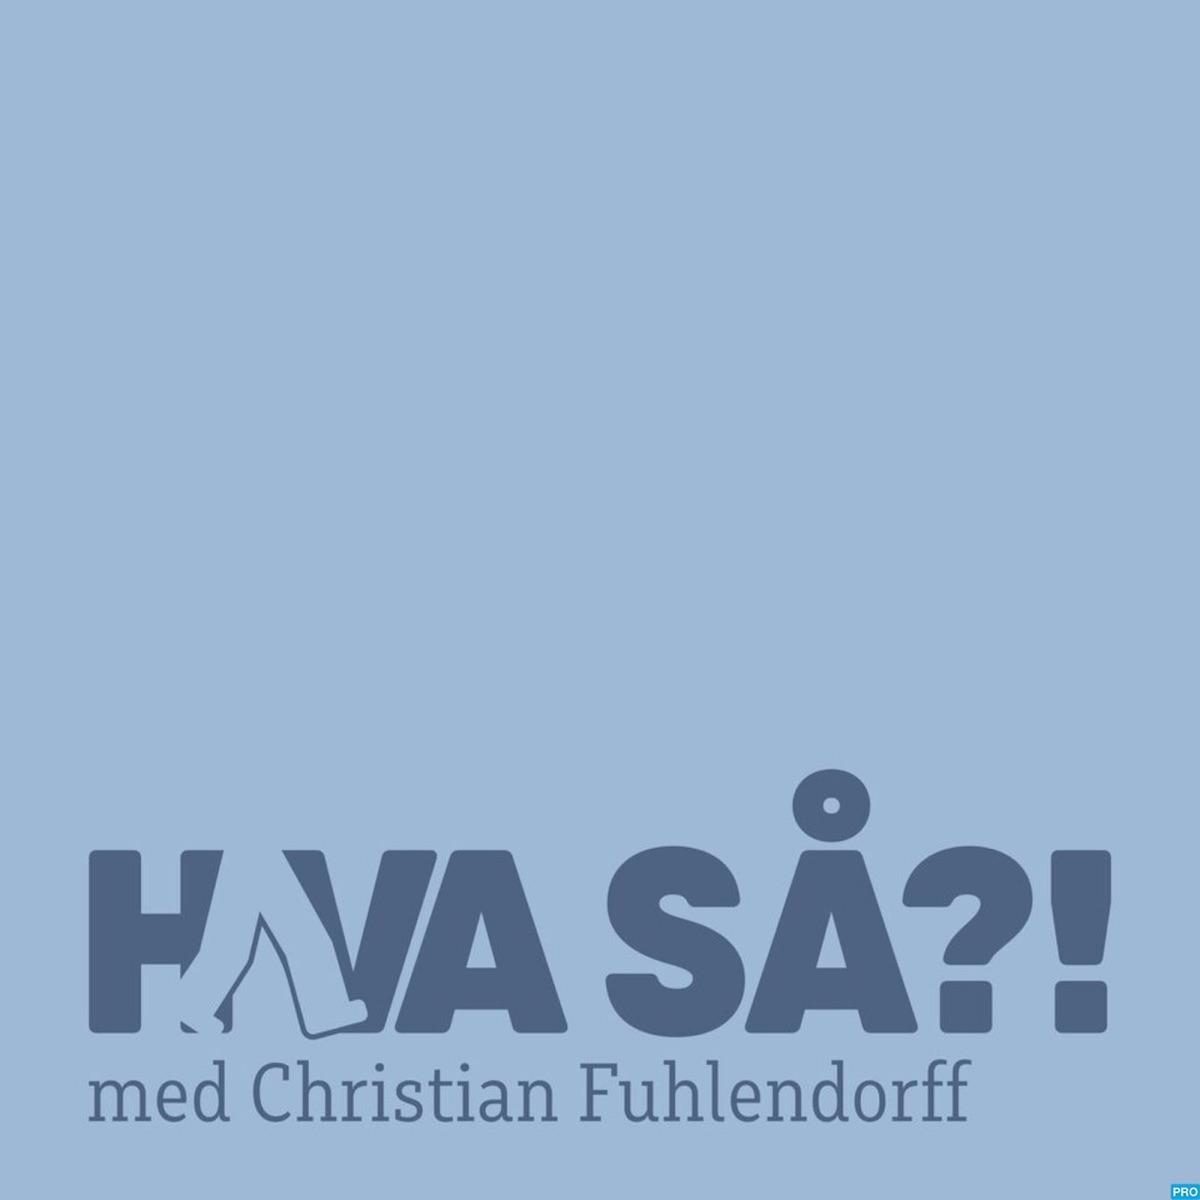 Hva så?! med Christian Fuhlendorff